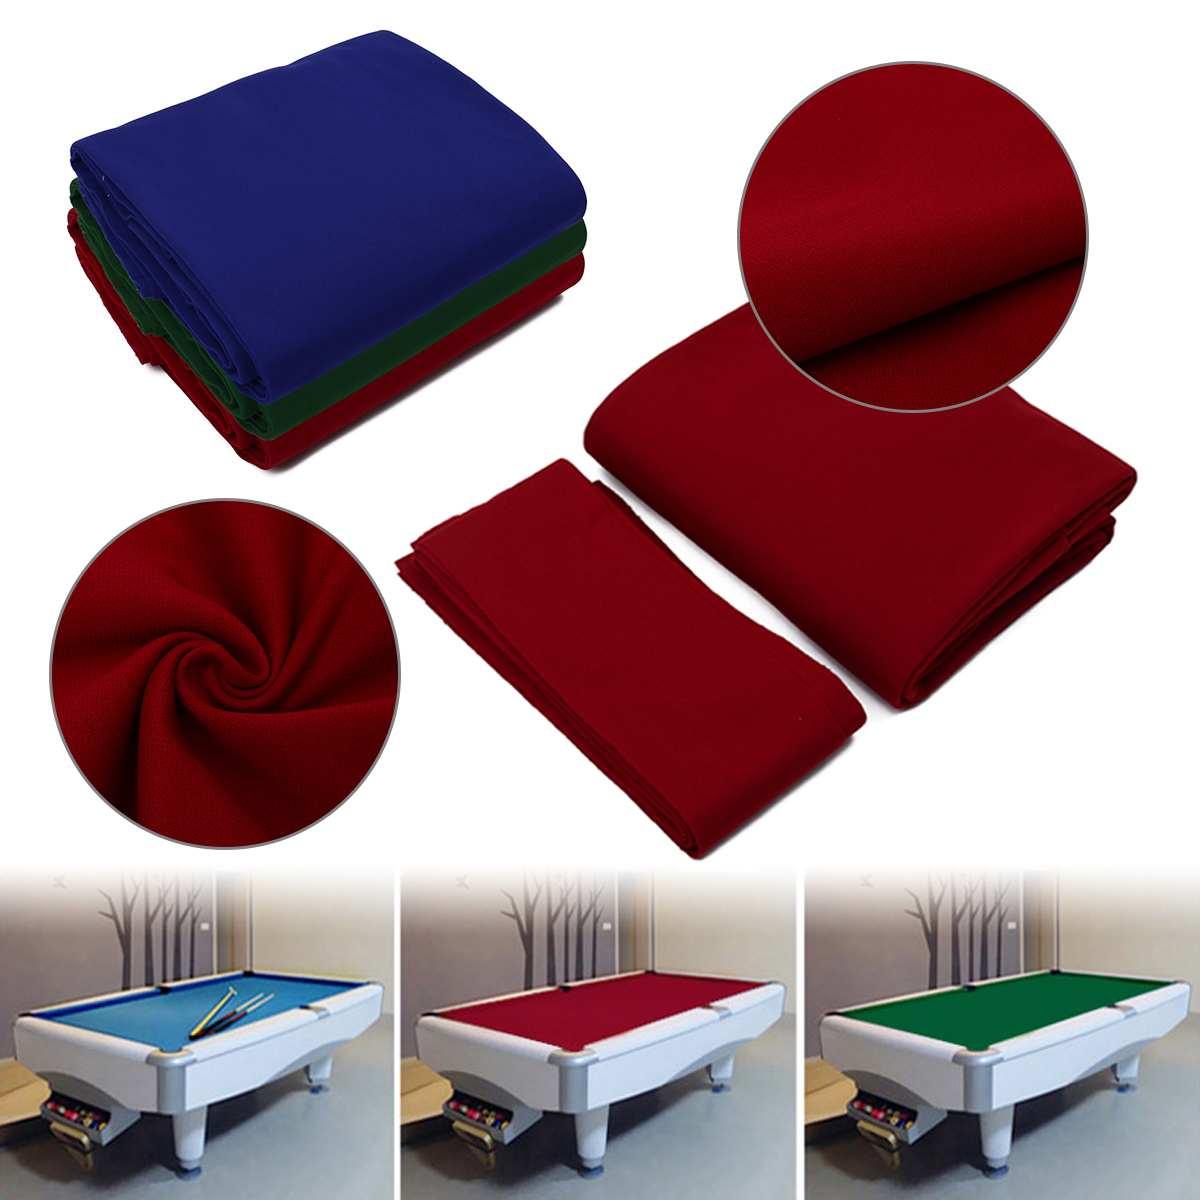 7/8/9ft Vert/Bleu/Rouge Piscine Huit Boule De Billard et Coussin nappe de table de Piscine rail pour américain billard snooker Accessoires